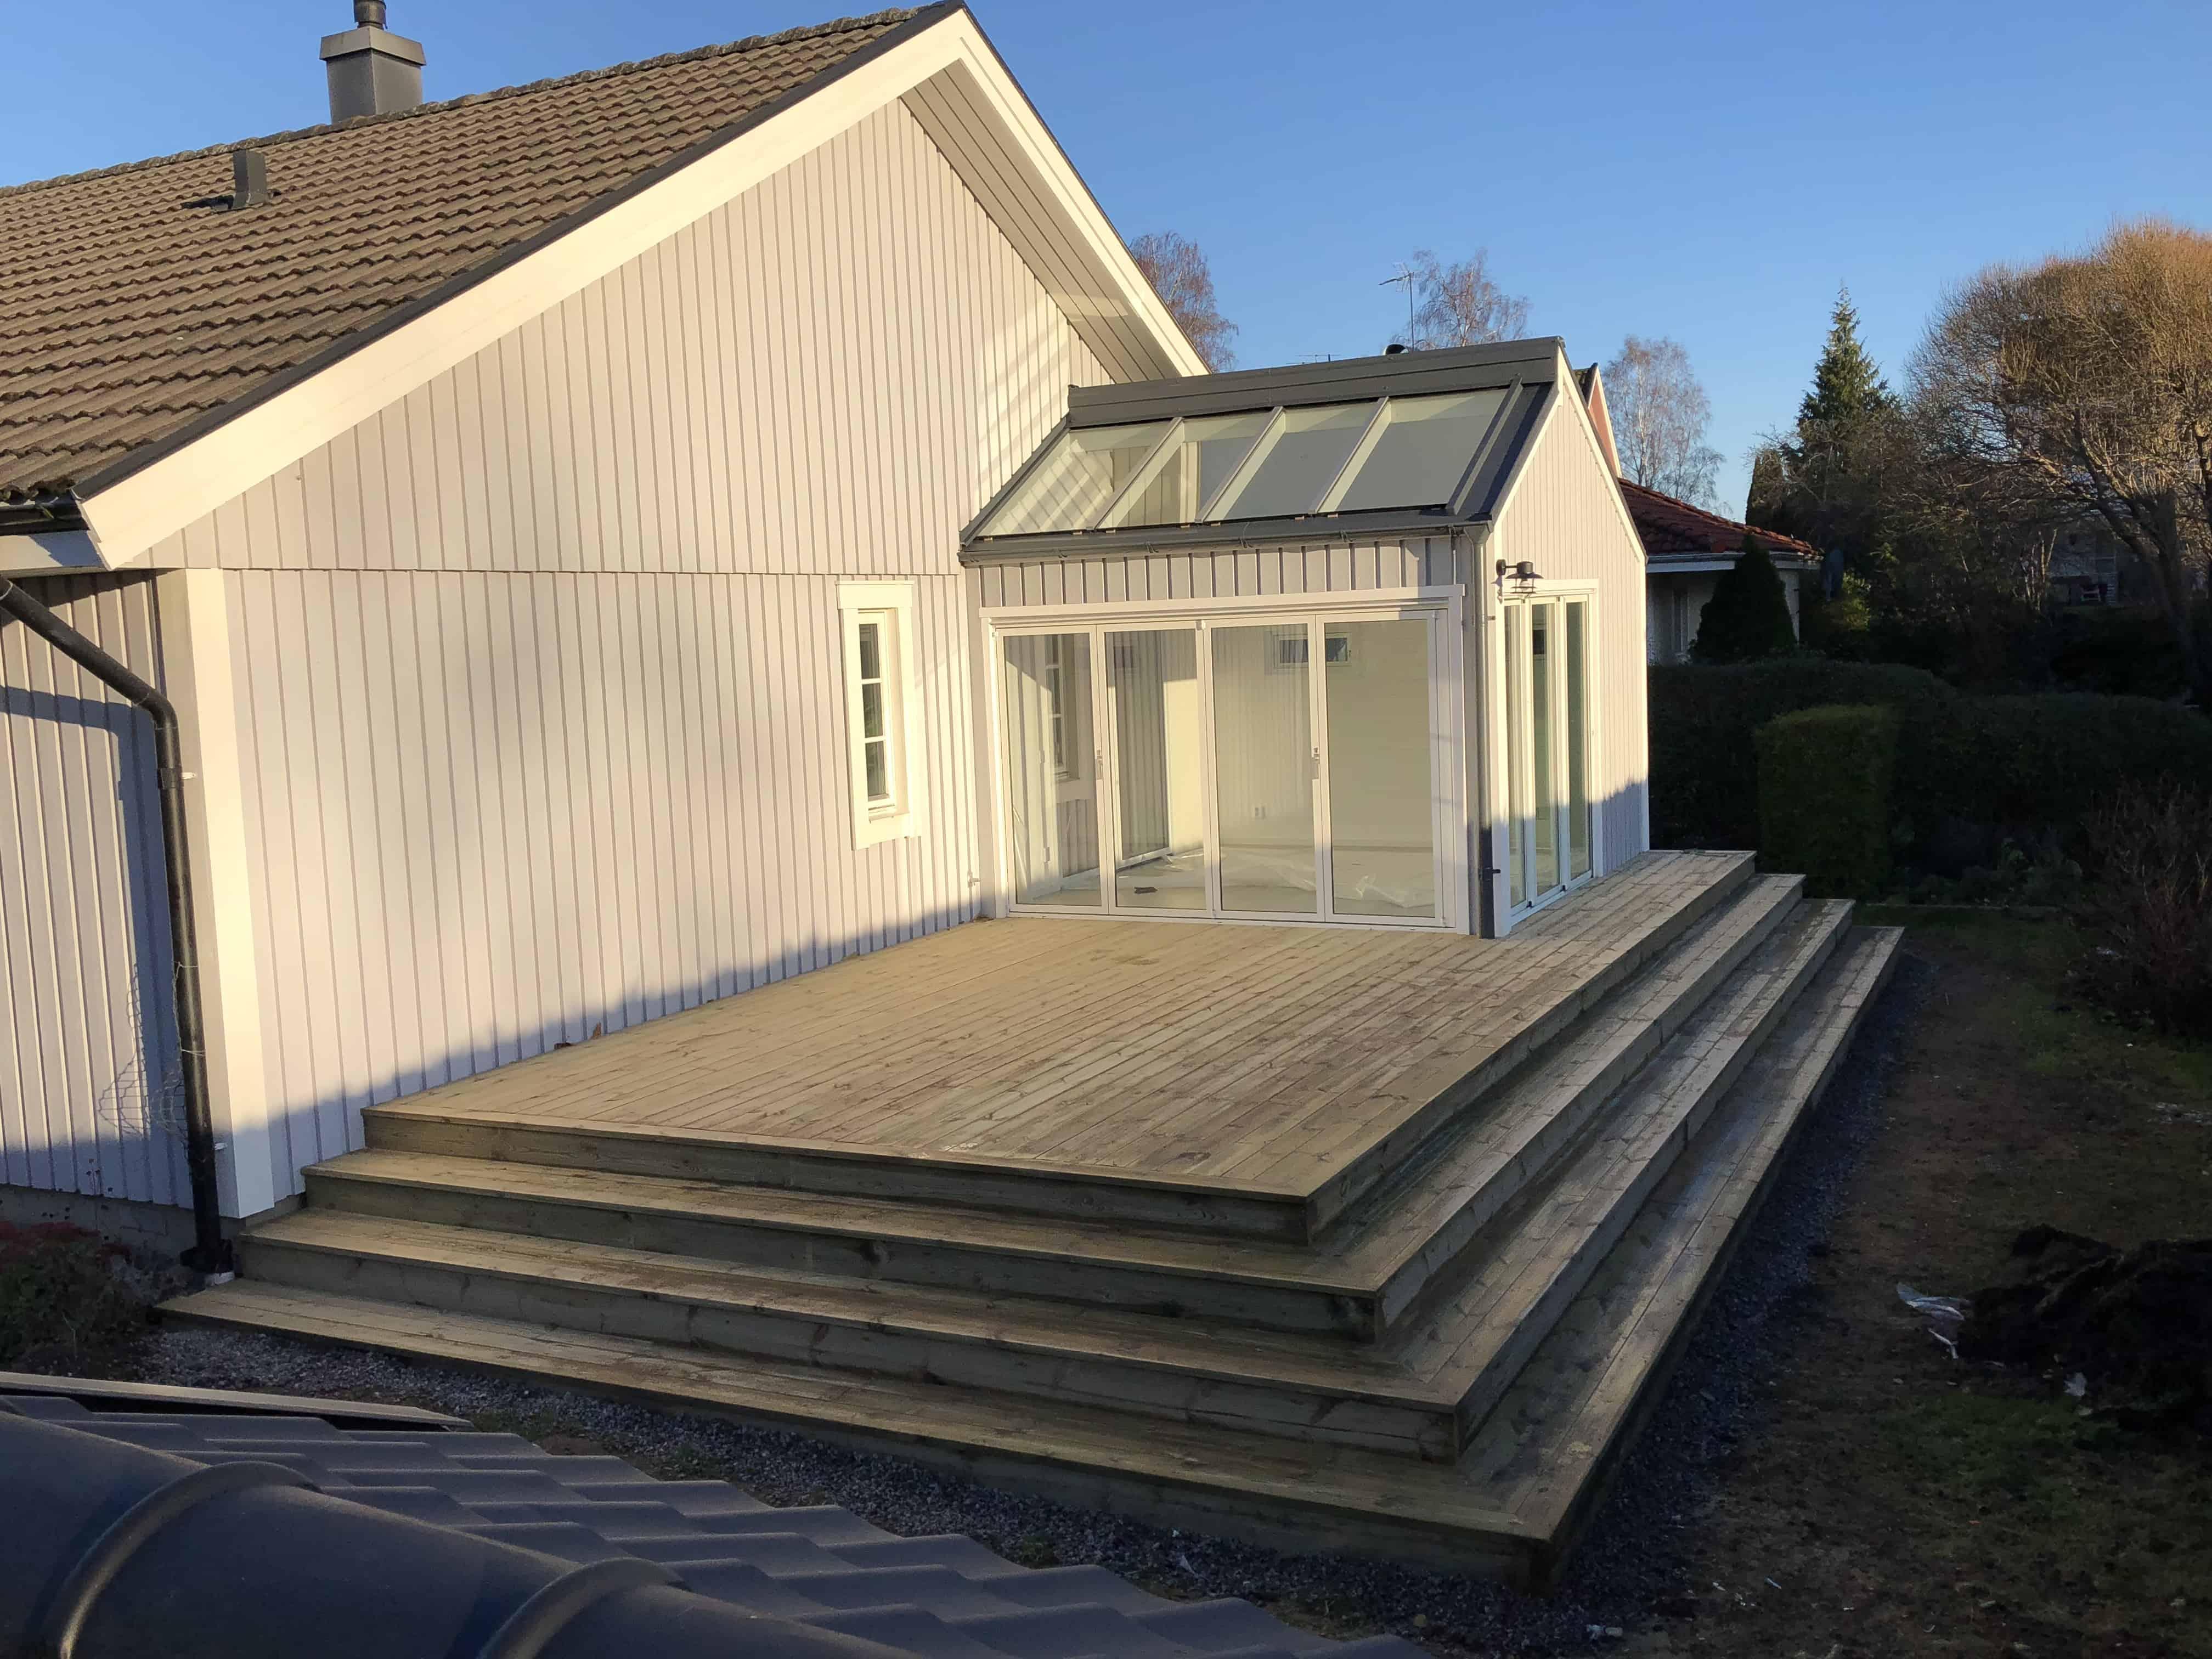 """Referensjobb """"Uterum"""" utfört av Nie bygg i Tierp AB"""